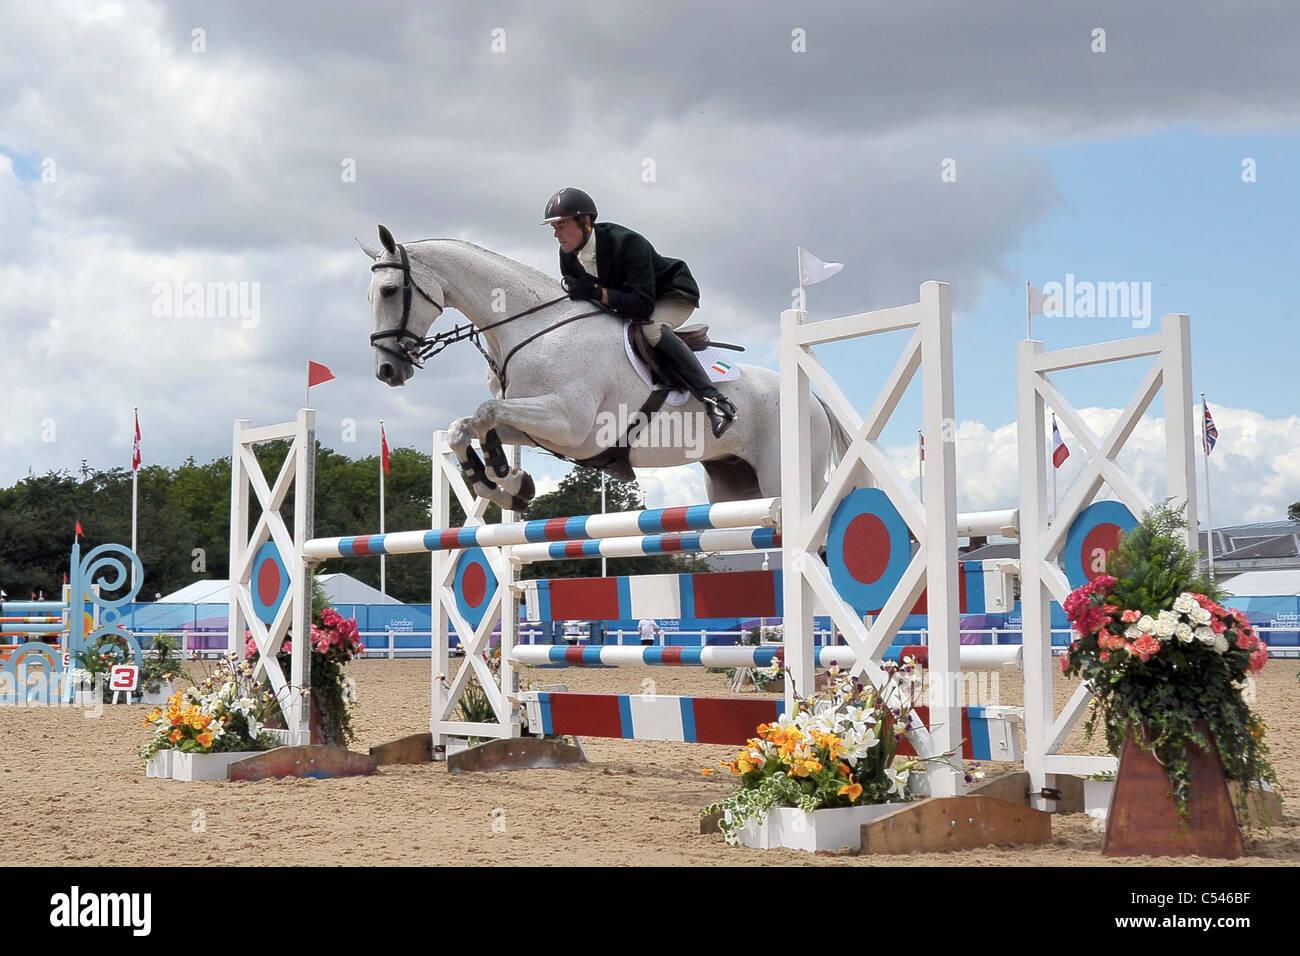 Joseph Murphy Chuckelberry equitazione (Irlanda) salta l'ultima riga. Show Jumping dimostrazione della concorrenza. Immagini Stock